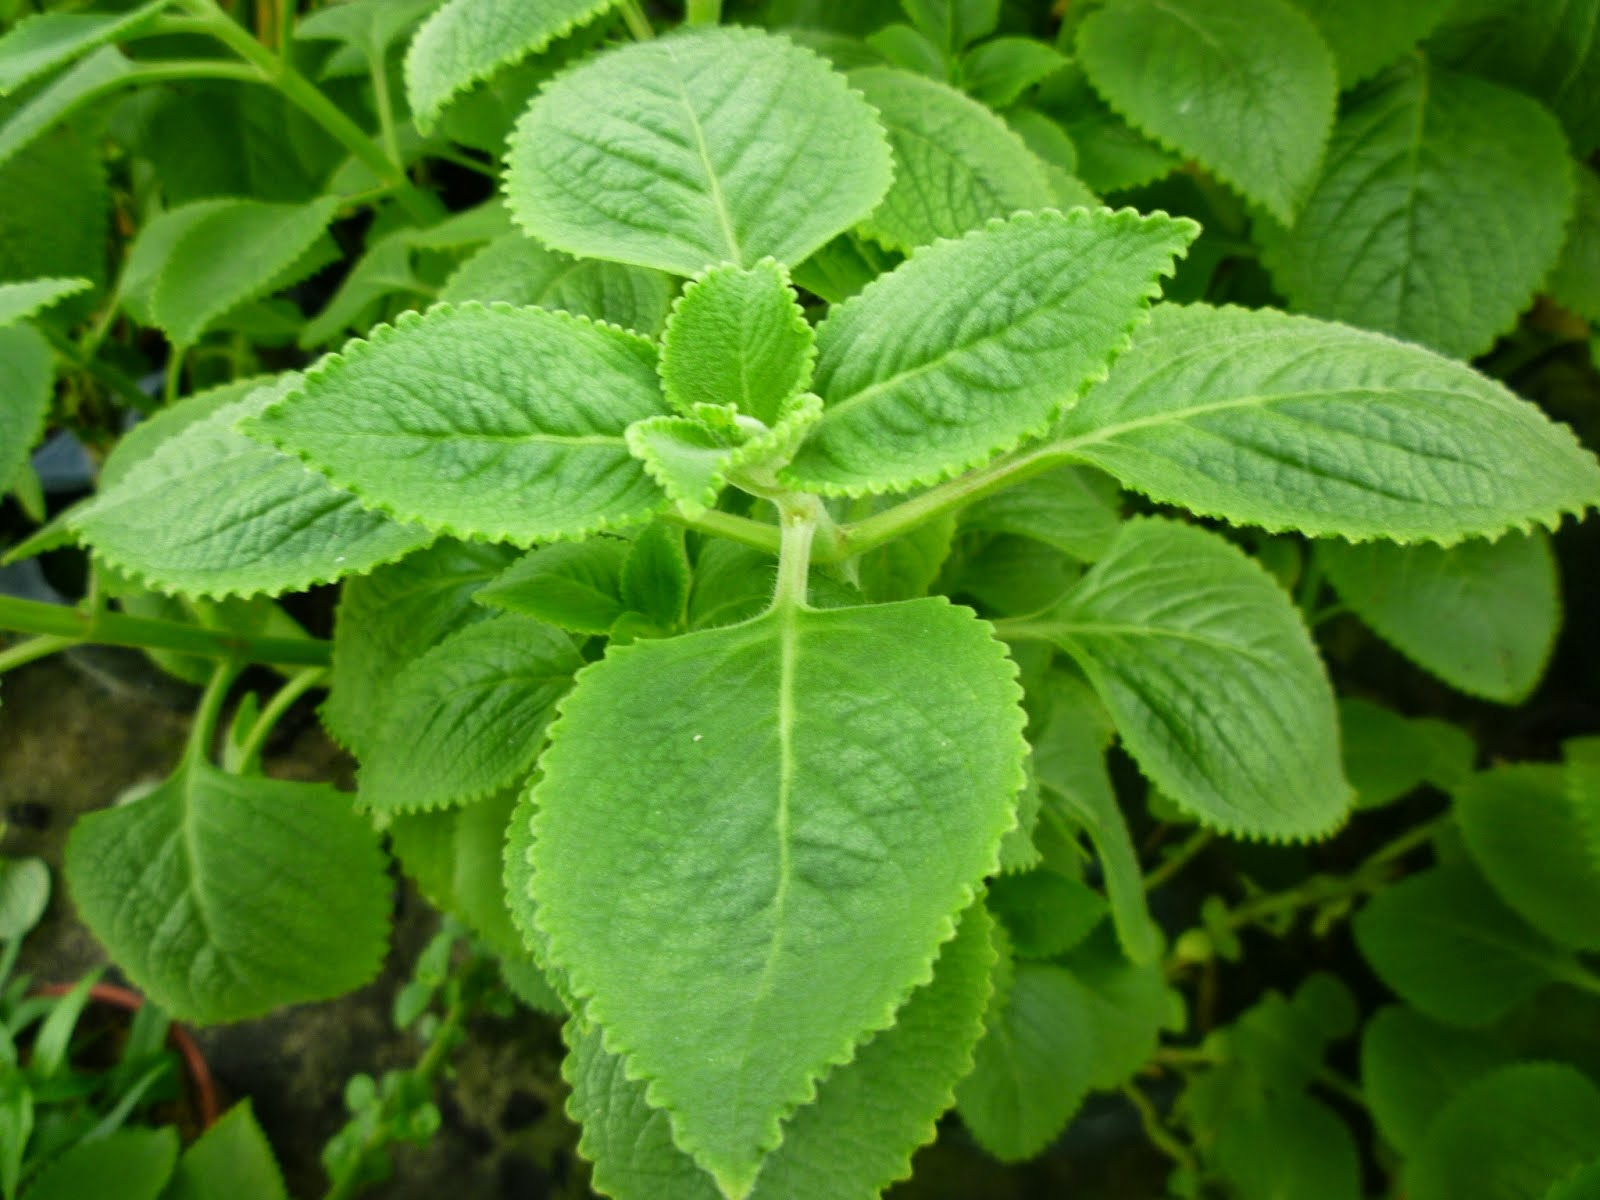 ati2 hijau, bangun bangun, daun ati ati, semput, lelah, batuk, kahak, tips asma, asthma, nebulizer, petua lelah, petua semput